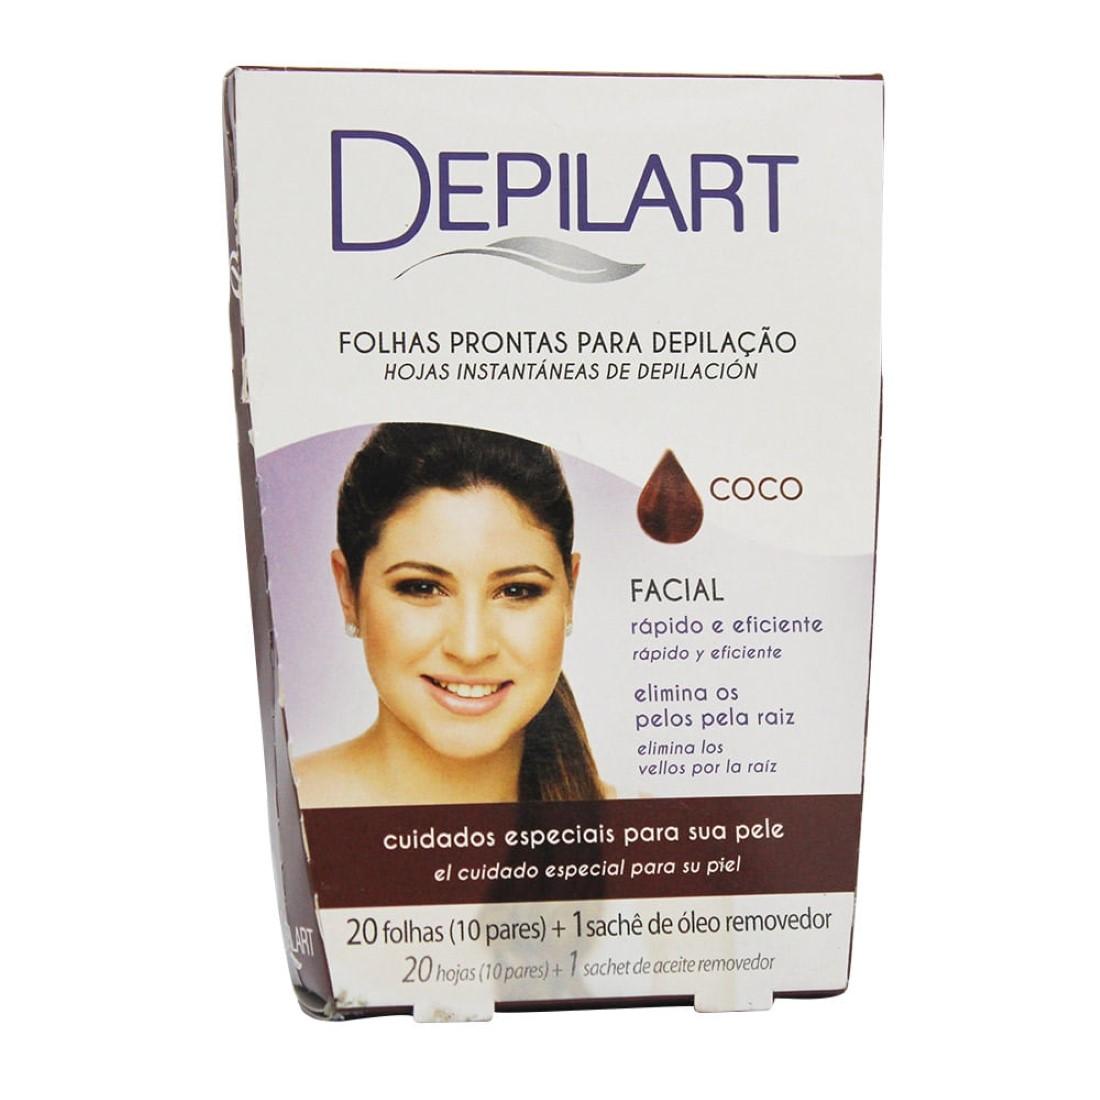 Folhas Prontas para Depilação Facial Coco - Depilart